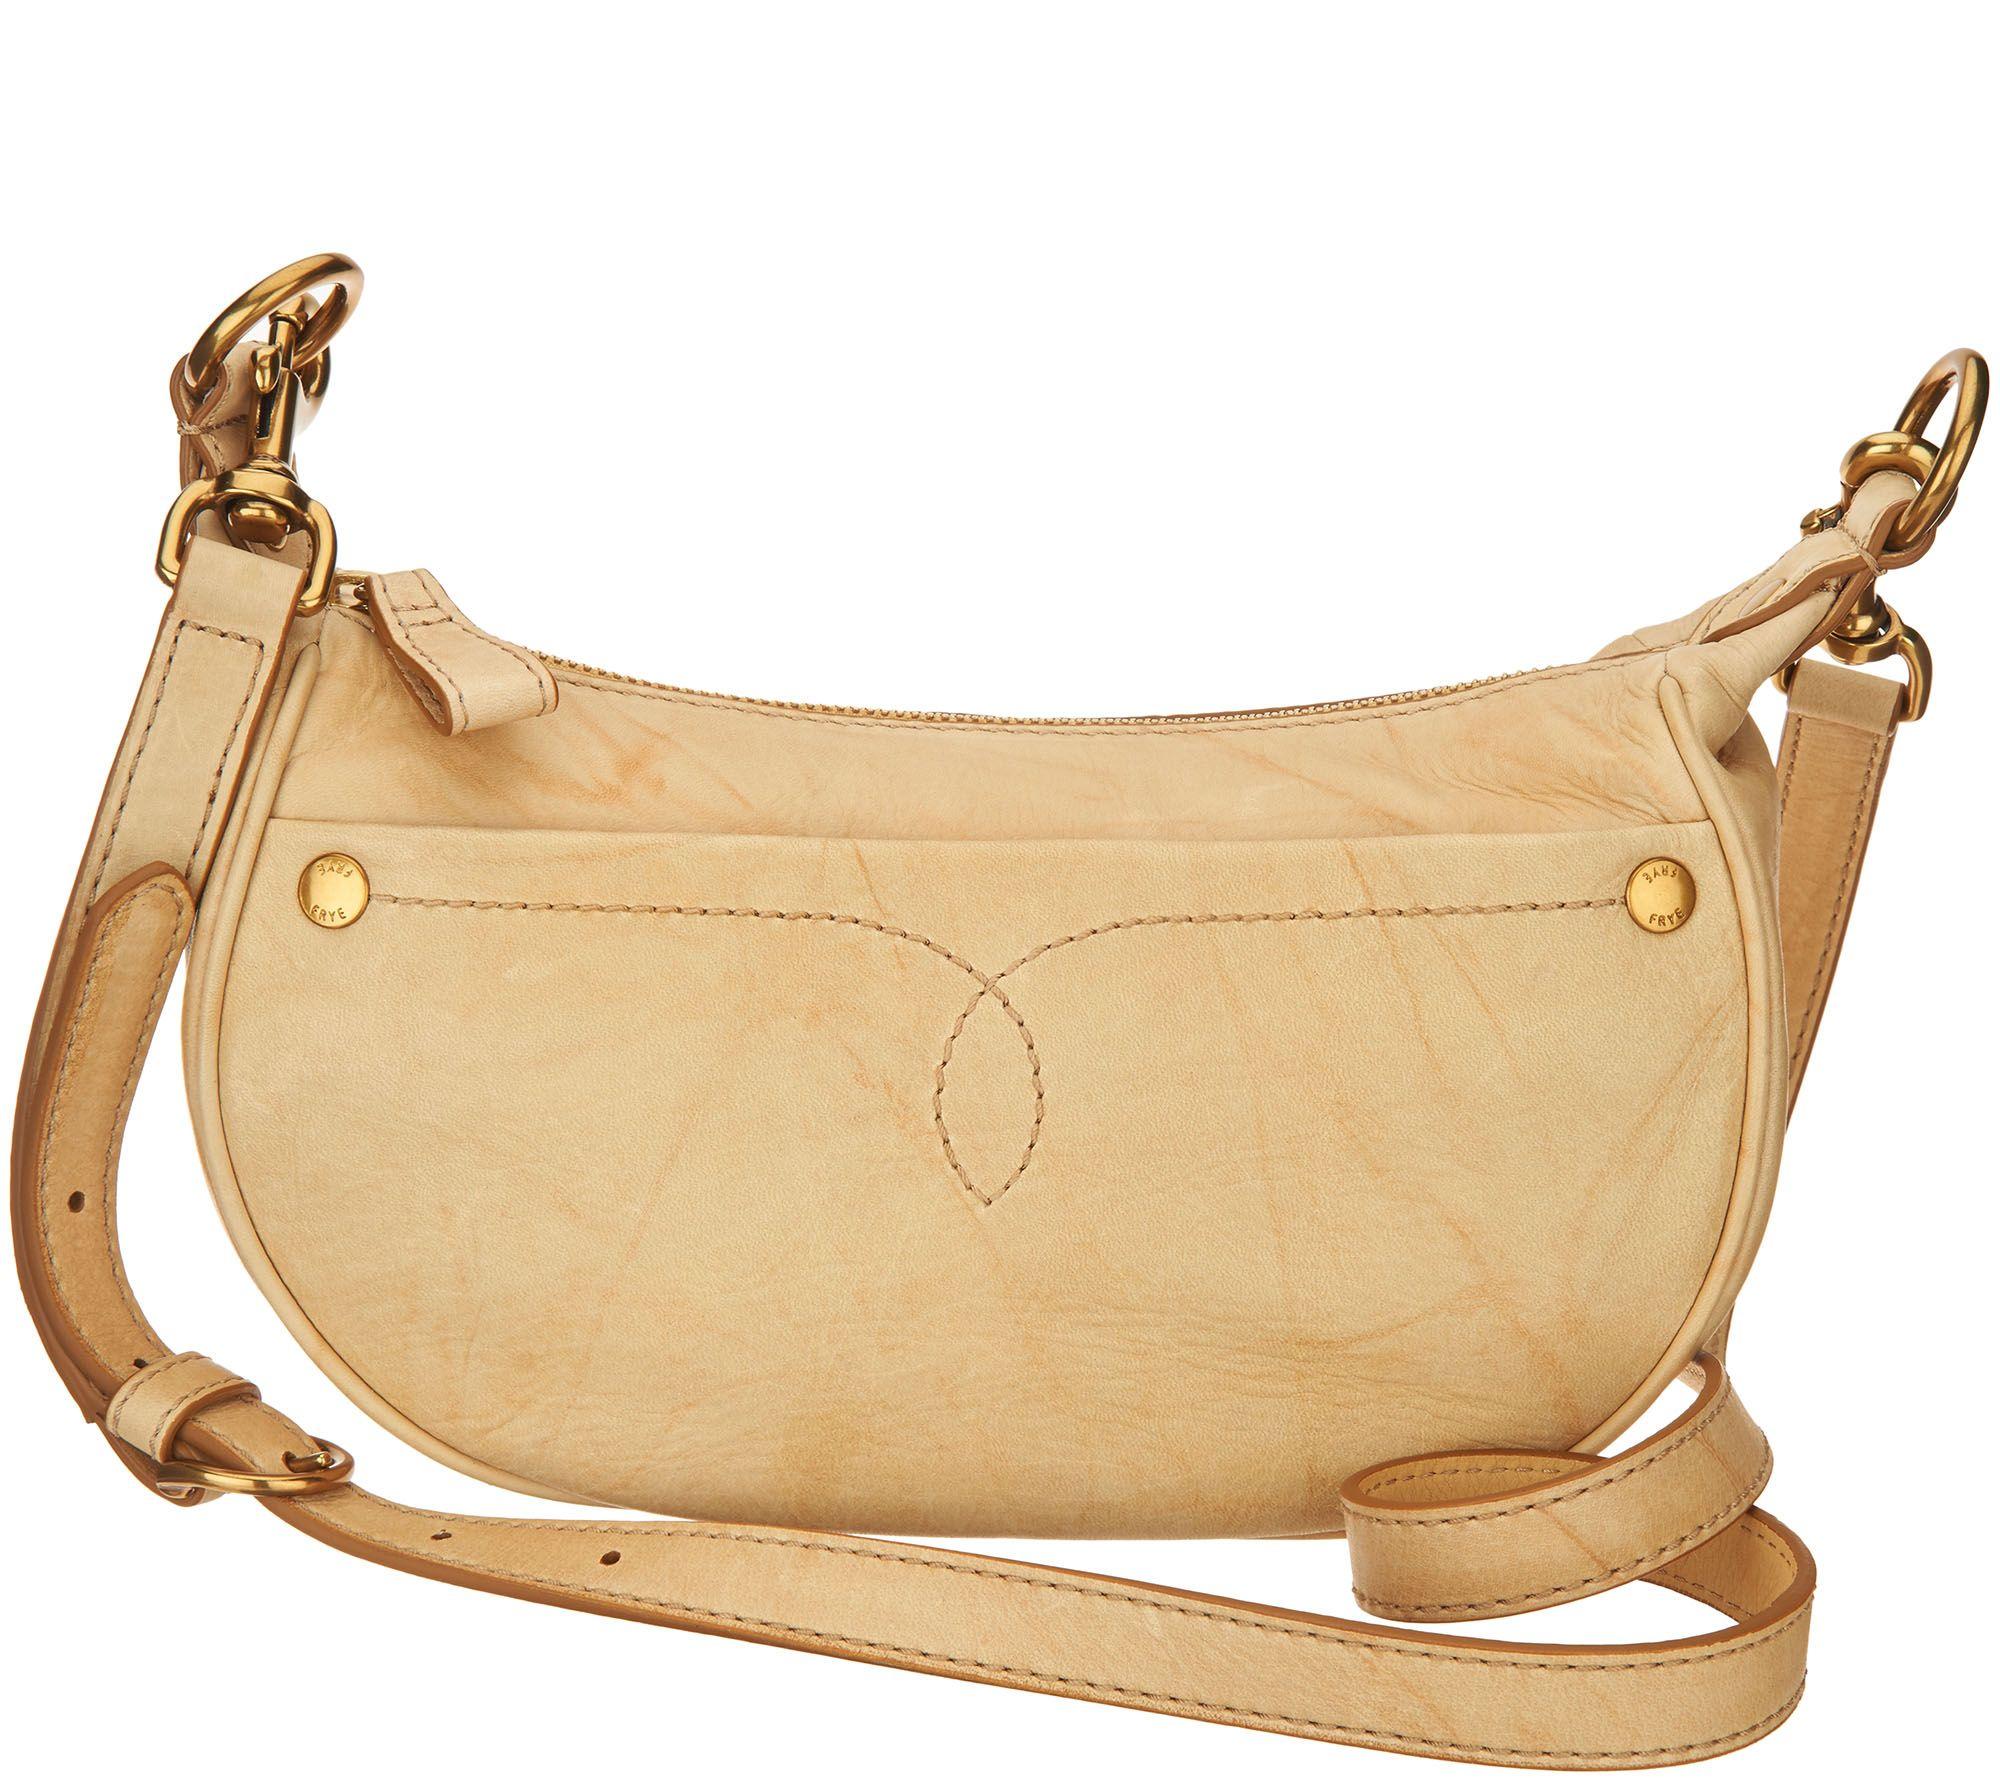 885d1706e4 Frye Leather Campus Small Rivet Crossbody Bag — QVC.com